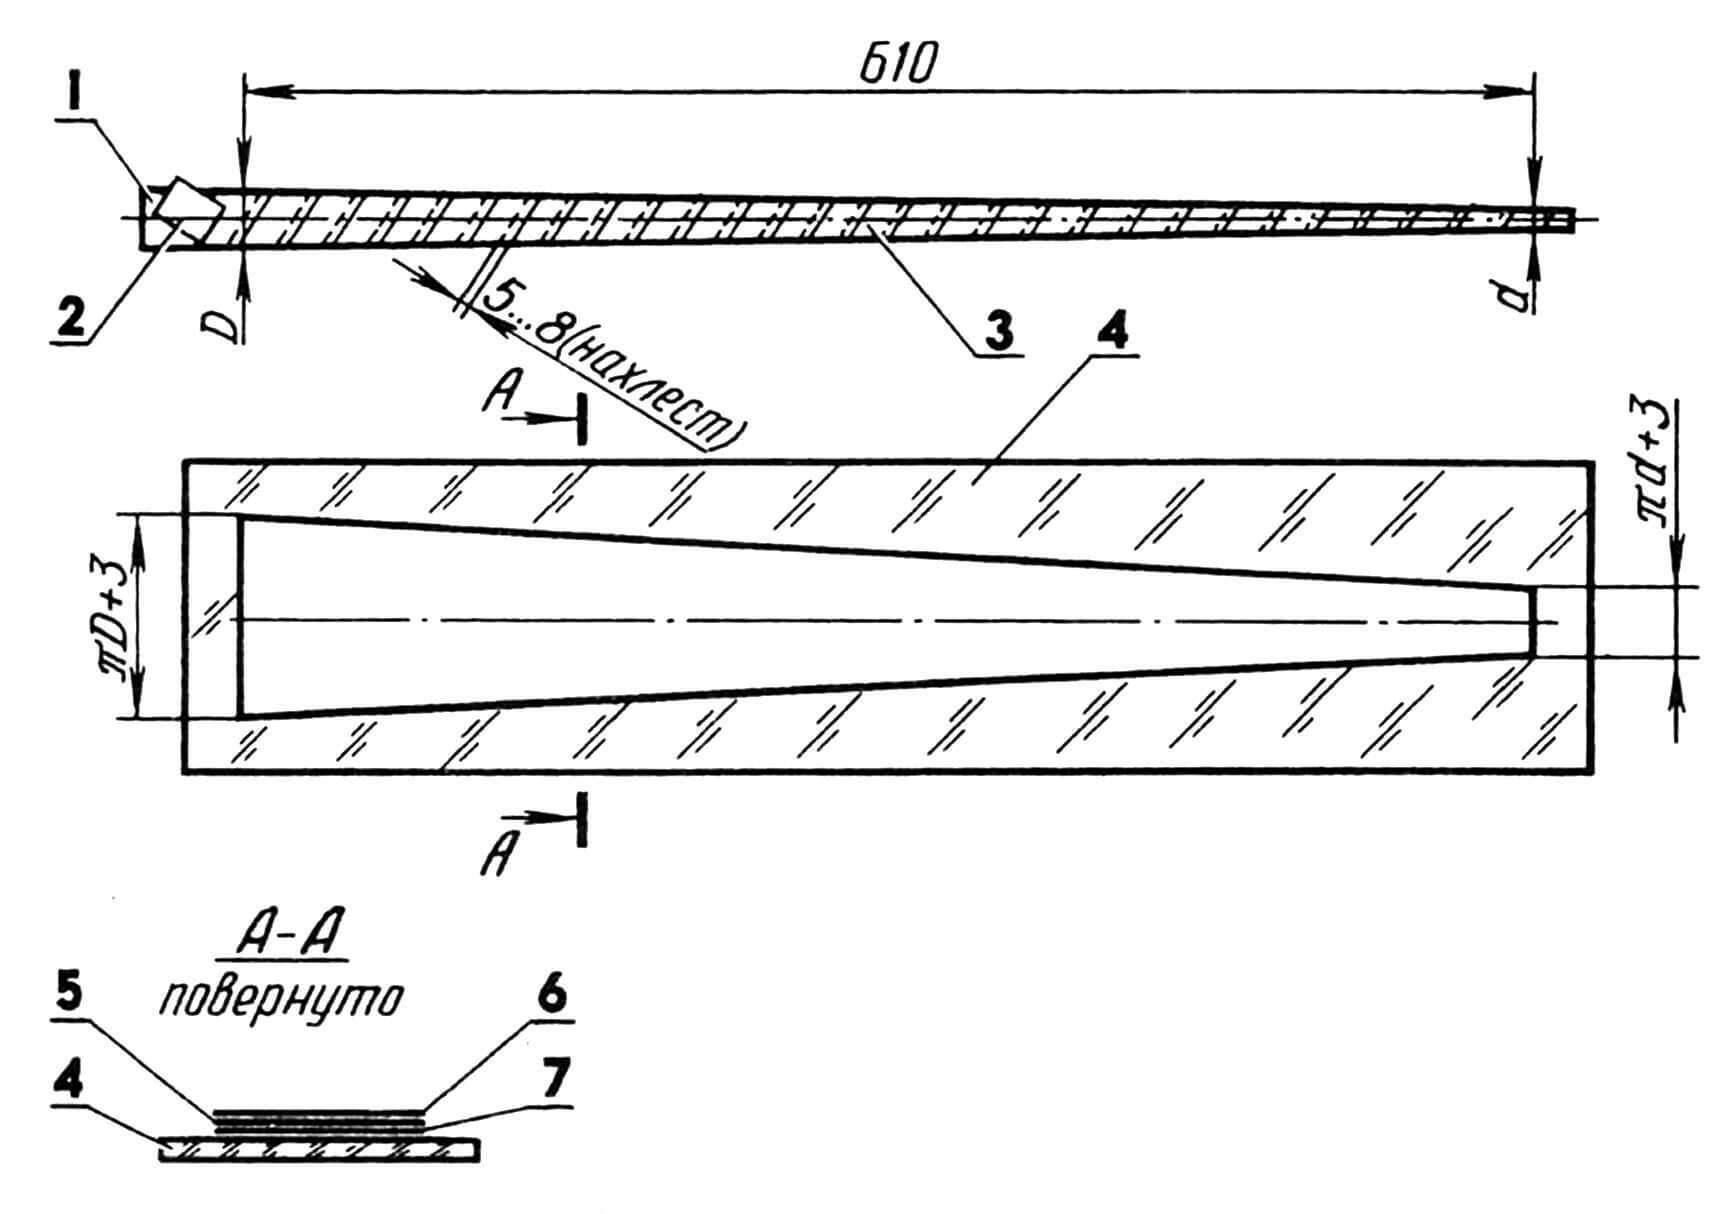 Изготовление хвостовой балки: 1 — оправка коническая (Д16Т); 2 — скотч; 3 — обмотка (лента лавсановая); 4 — подкладка (стекло); 5 — основа (стеклоткань); 6 — наполнитель (углеволокно); 7 — пленка лавсановая.